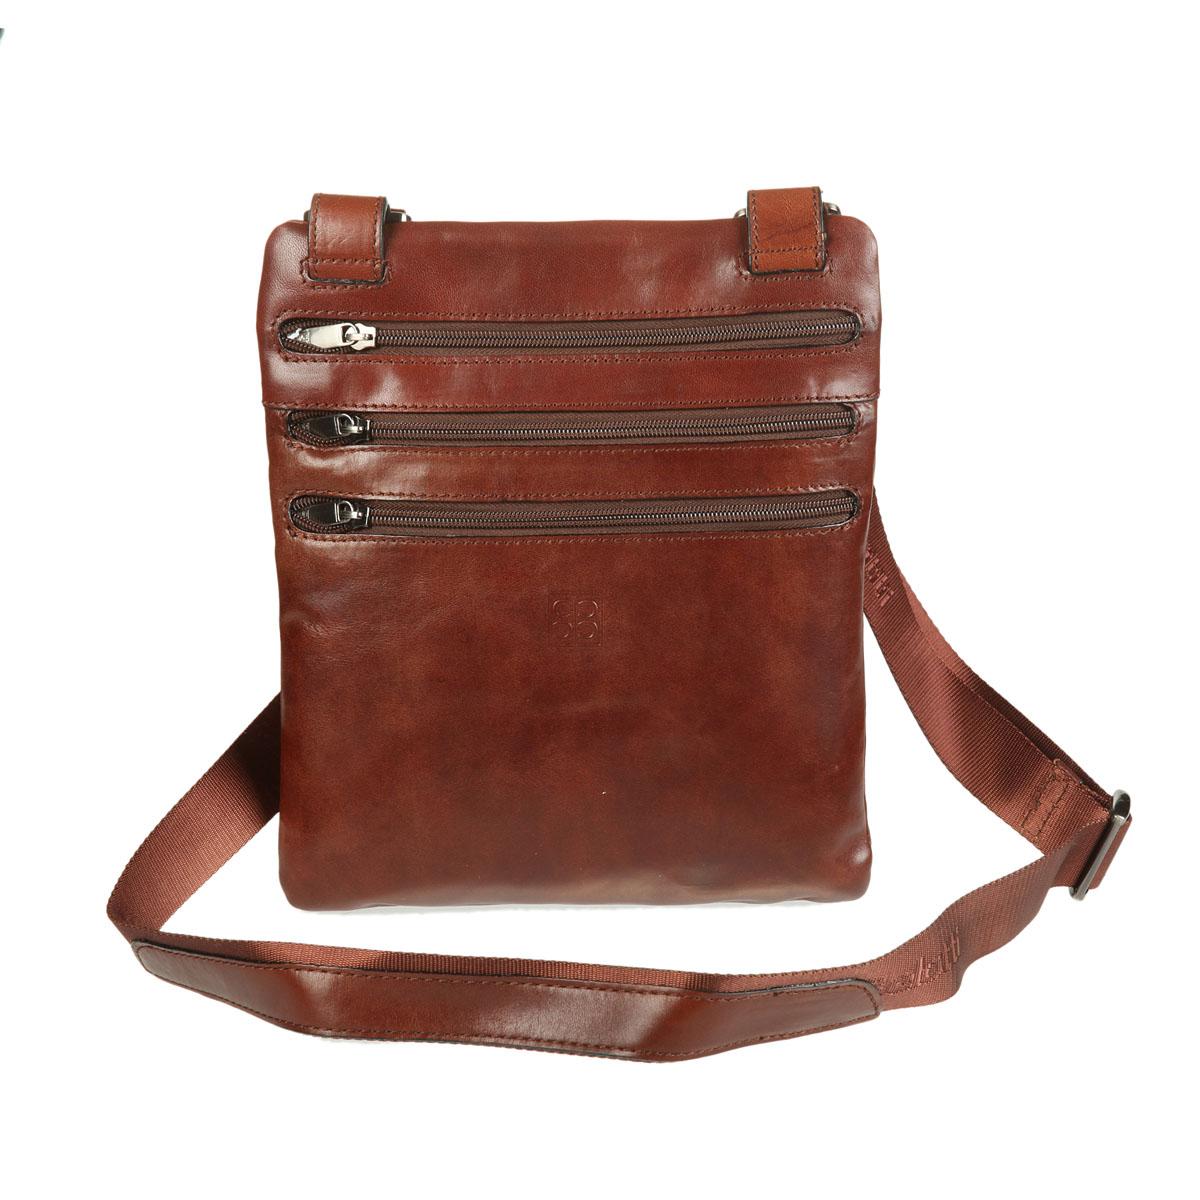 Сумка-планшет мужская Sergio Belotti, цвет: коричневый. 932723008Компактная мужская сумка-планшет Sergio Belotti изготовлена из натуральной высококачественной кожи. Лицевая сторона оформлена тиснением в виде логотипа бренда. В сумке одно отделение, закрывающееся на молнию и дополненное двумя кармашками (один предназначен для телефона). С лицевой и тыльной стороны - по два врезных кармана на молнии, один из которых содержит прорези для визиток. Длинный регулируемый ремень позволит носить модель через плечо. К сумке прилагается чехол. Изделие упаковано в фирменную коробку.Сдержанность и продуманный дизайн сумки-планшета добавят элегантности в образ и подчеркнут ваш безупречный вкус.